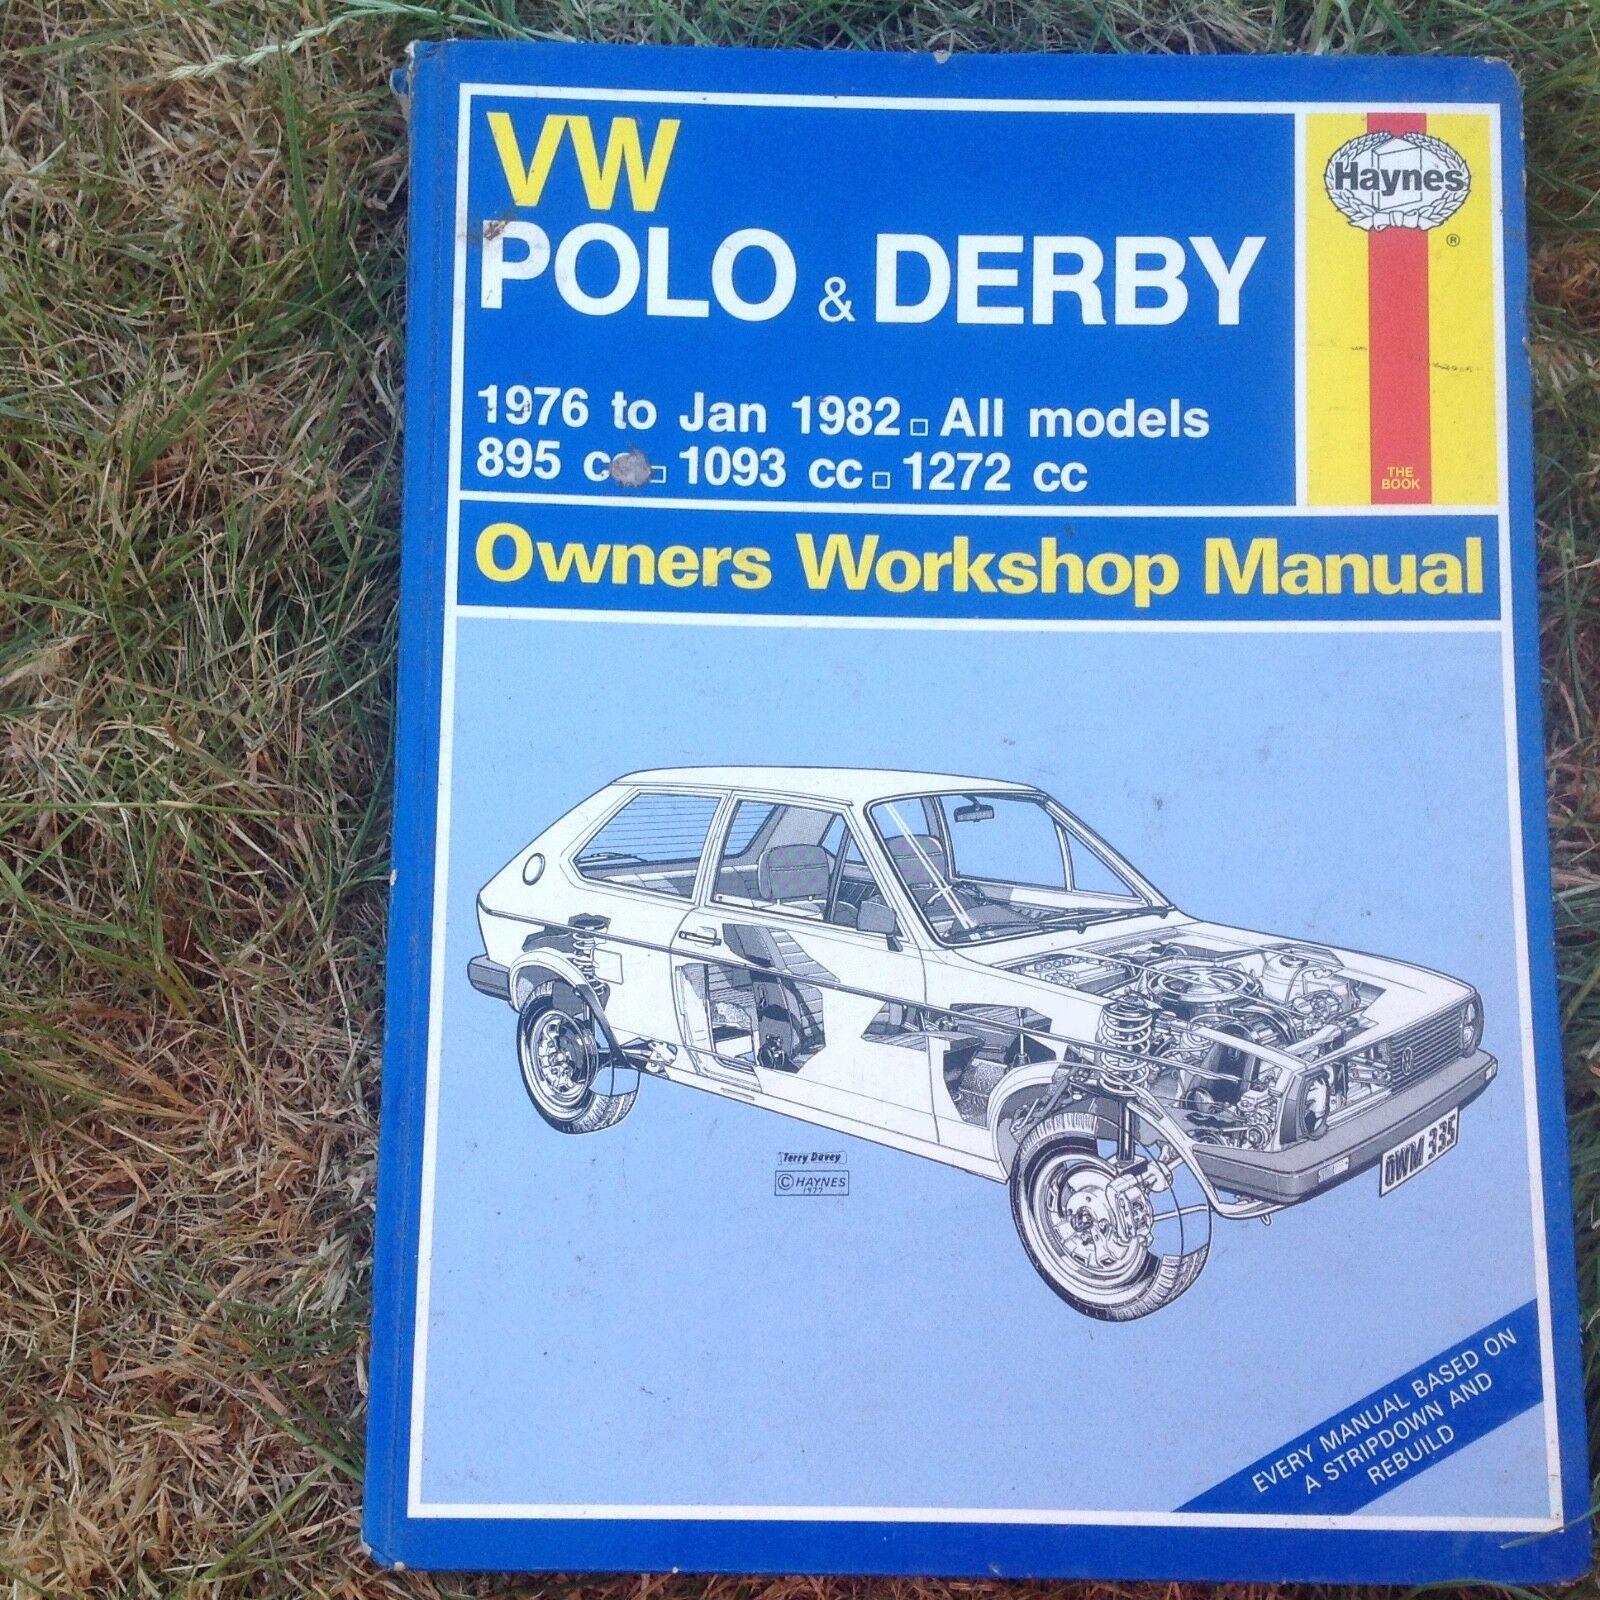 VW POLO + DERBY 1976-1982 Haynes Owners Workshop Manual - 895cc 1093cc  1272cc | eBay